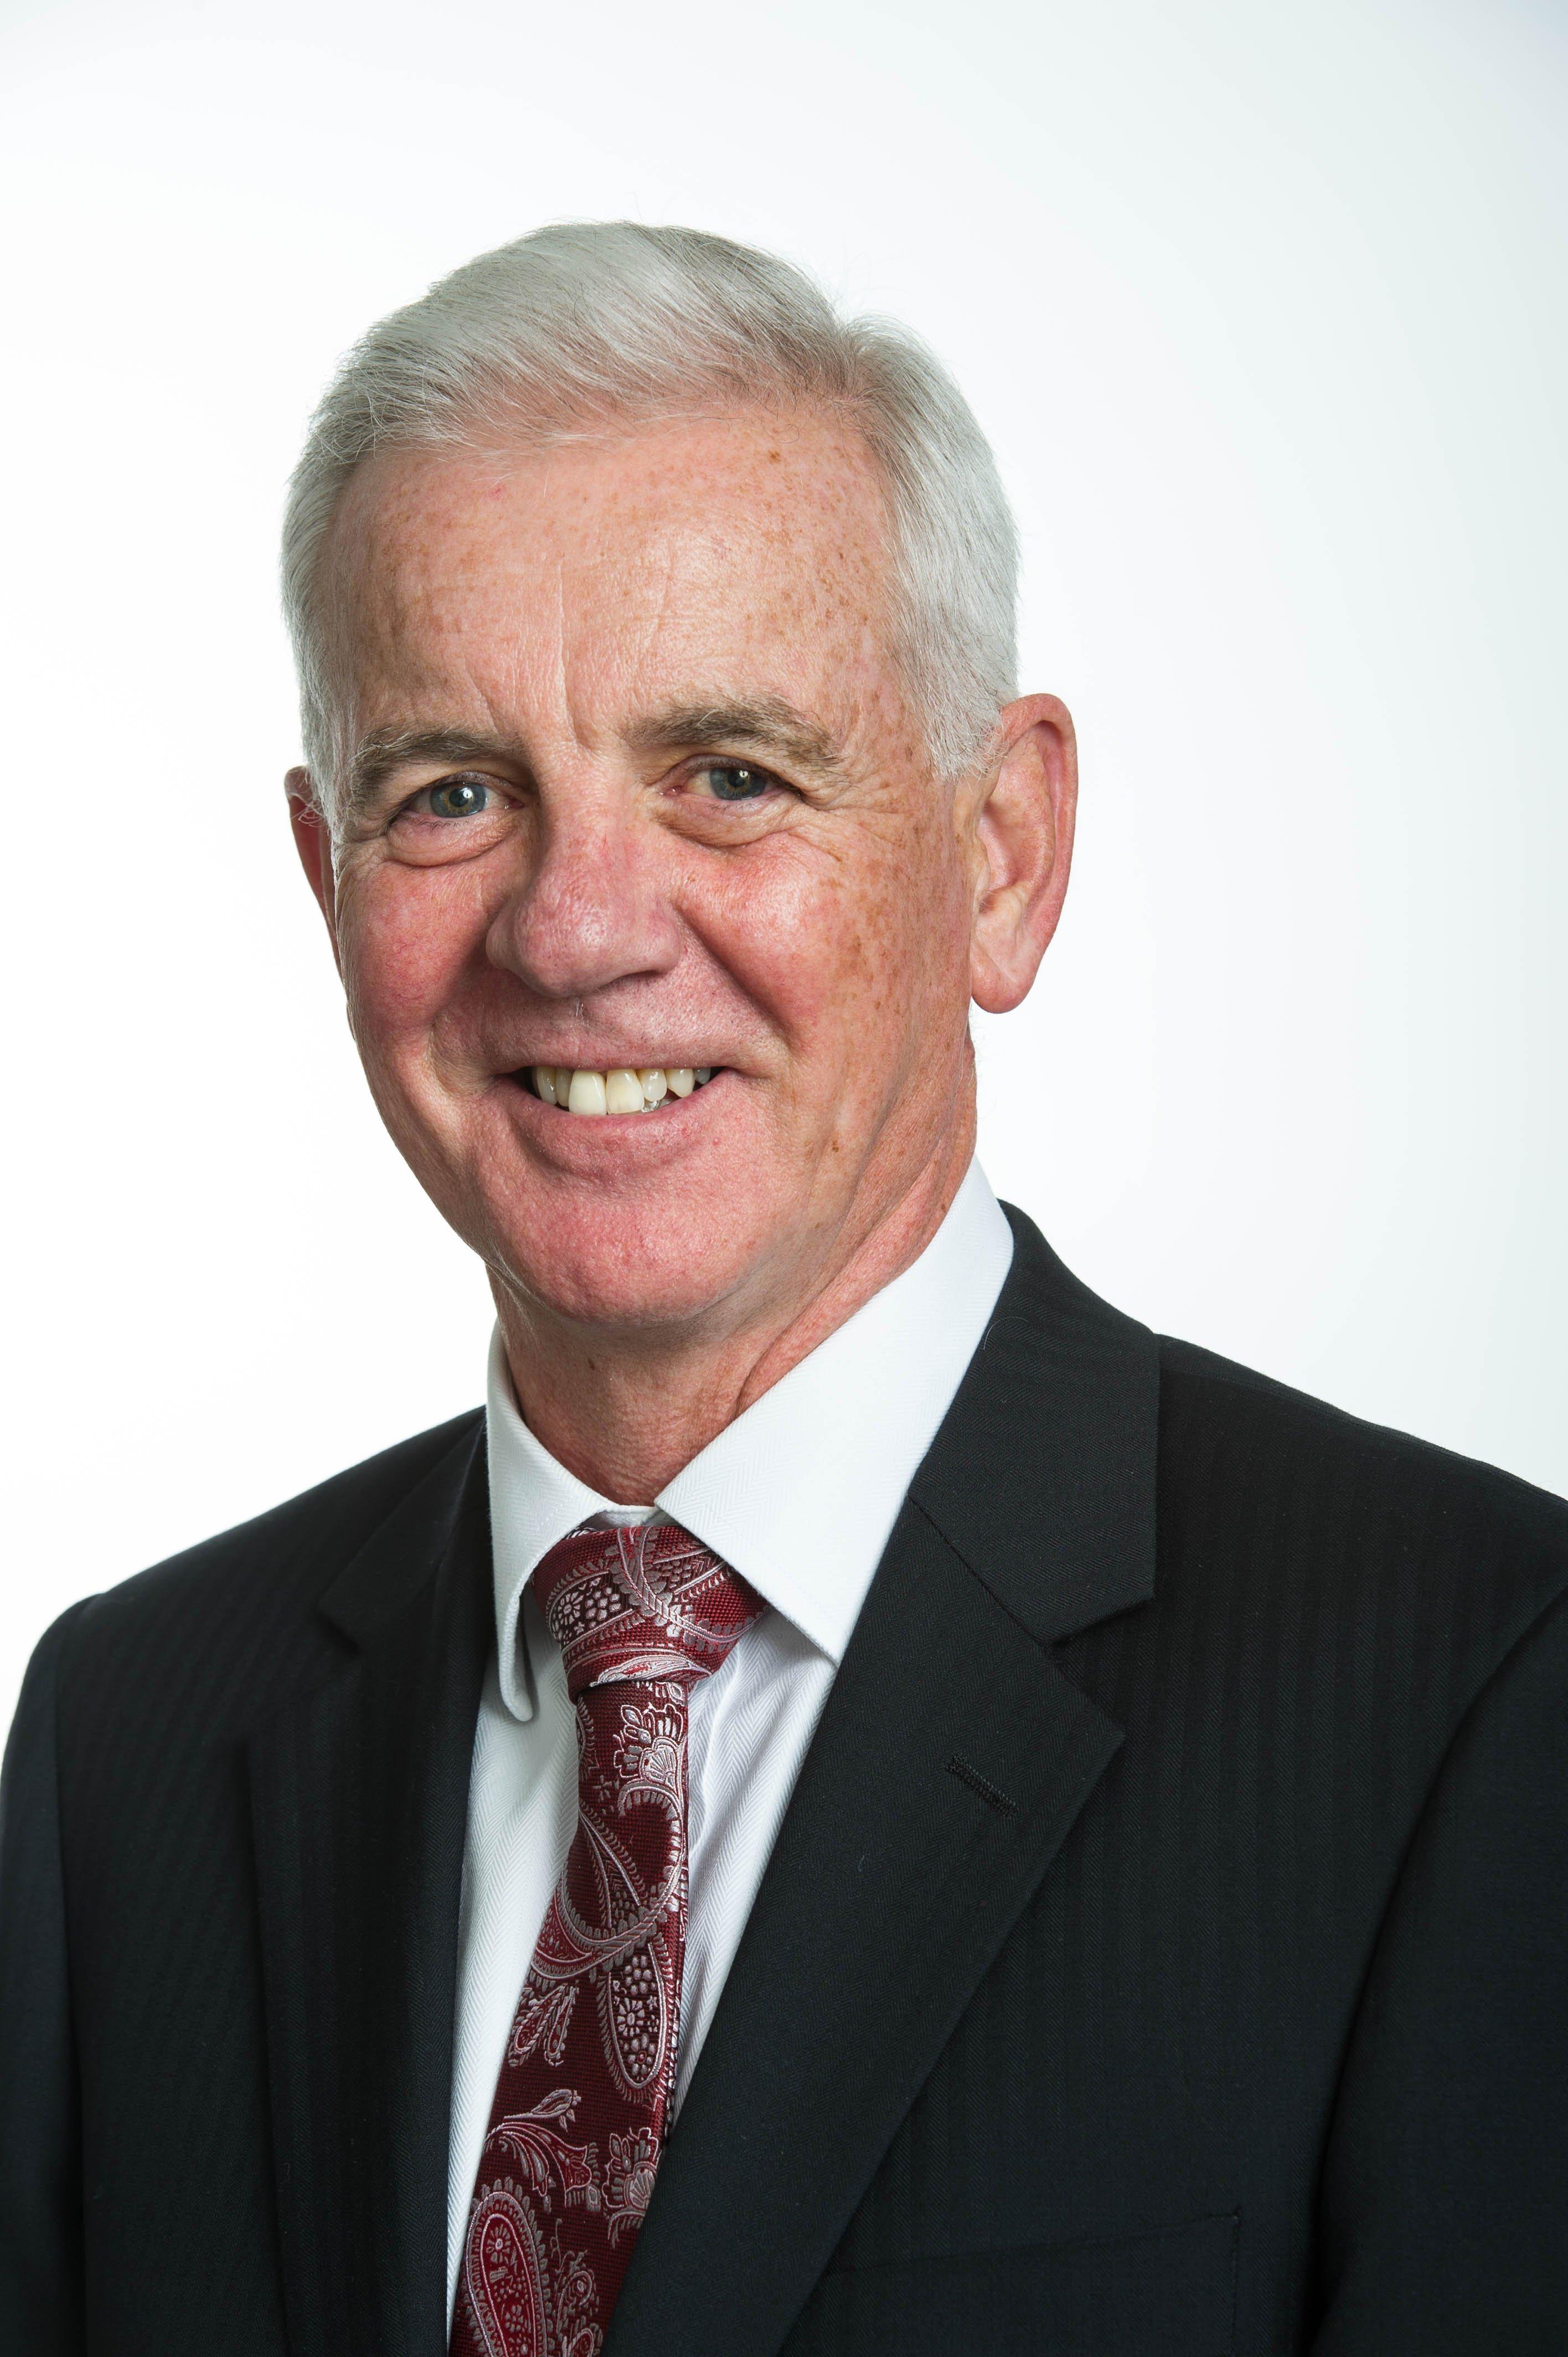 Mr Ian MacDonald